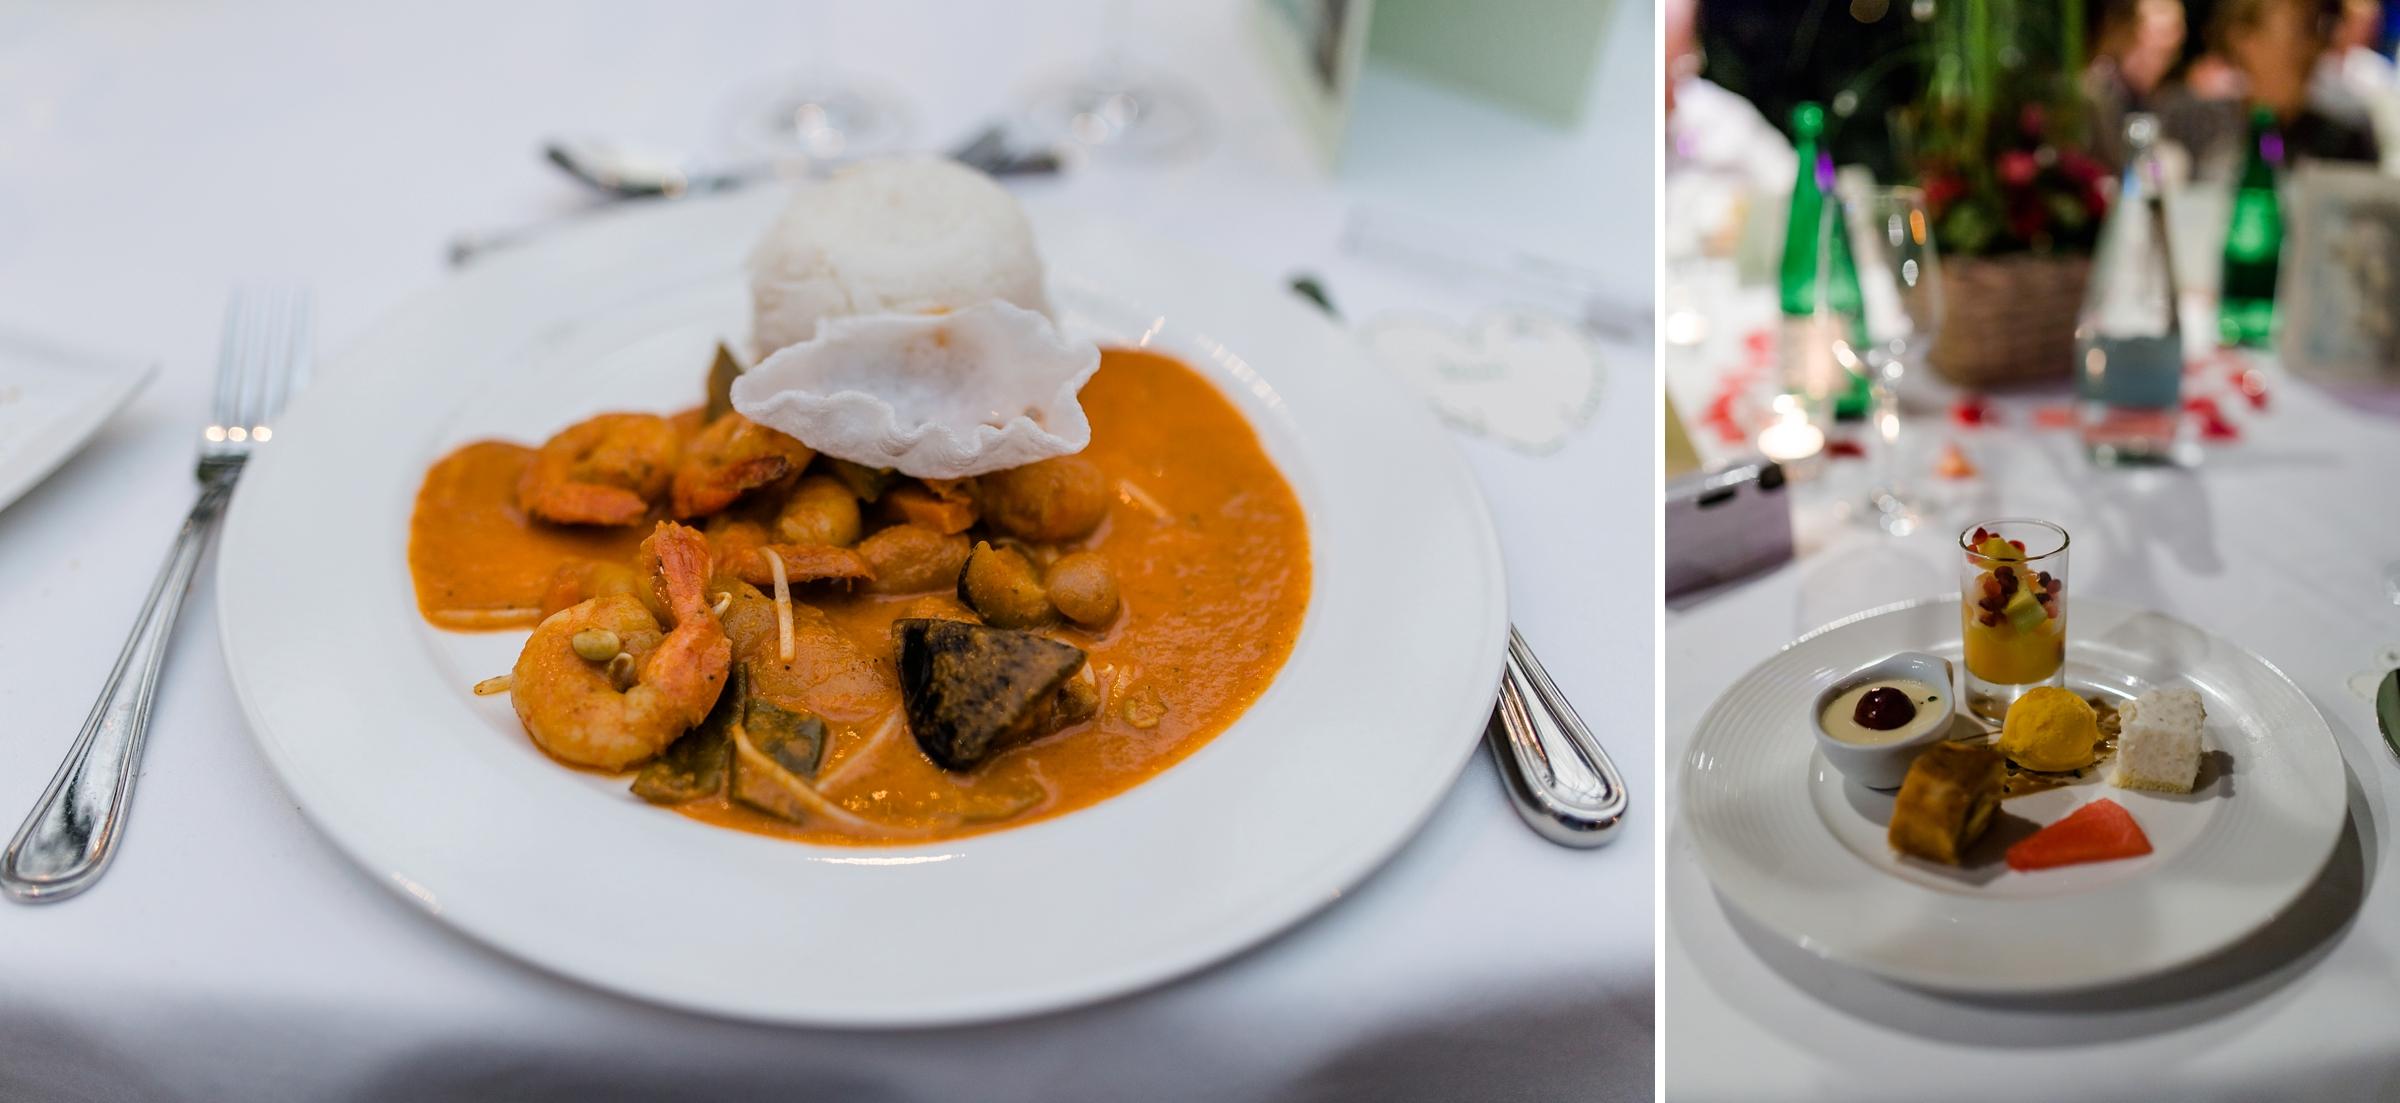 Hochzeitsfotograf-Zuerich-Giardino-Verde-Hauptgang-Dessert